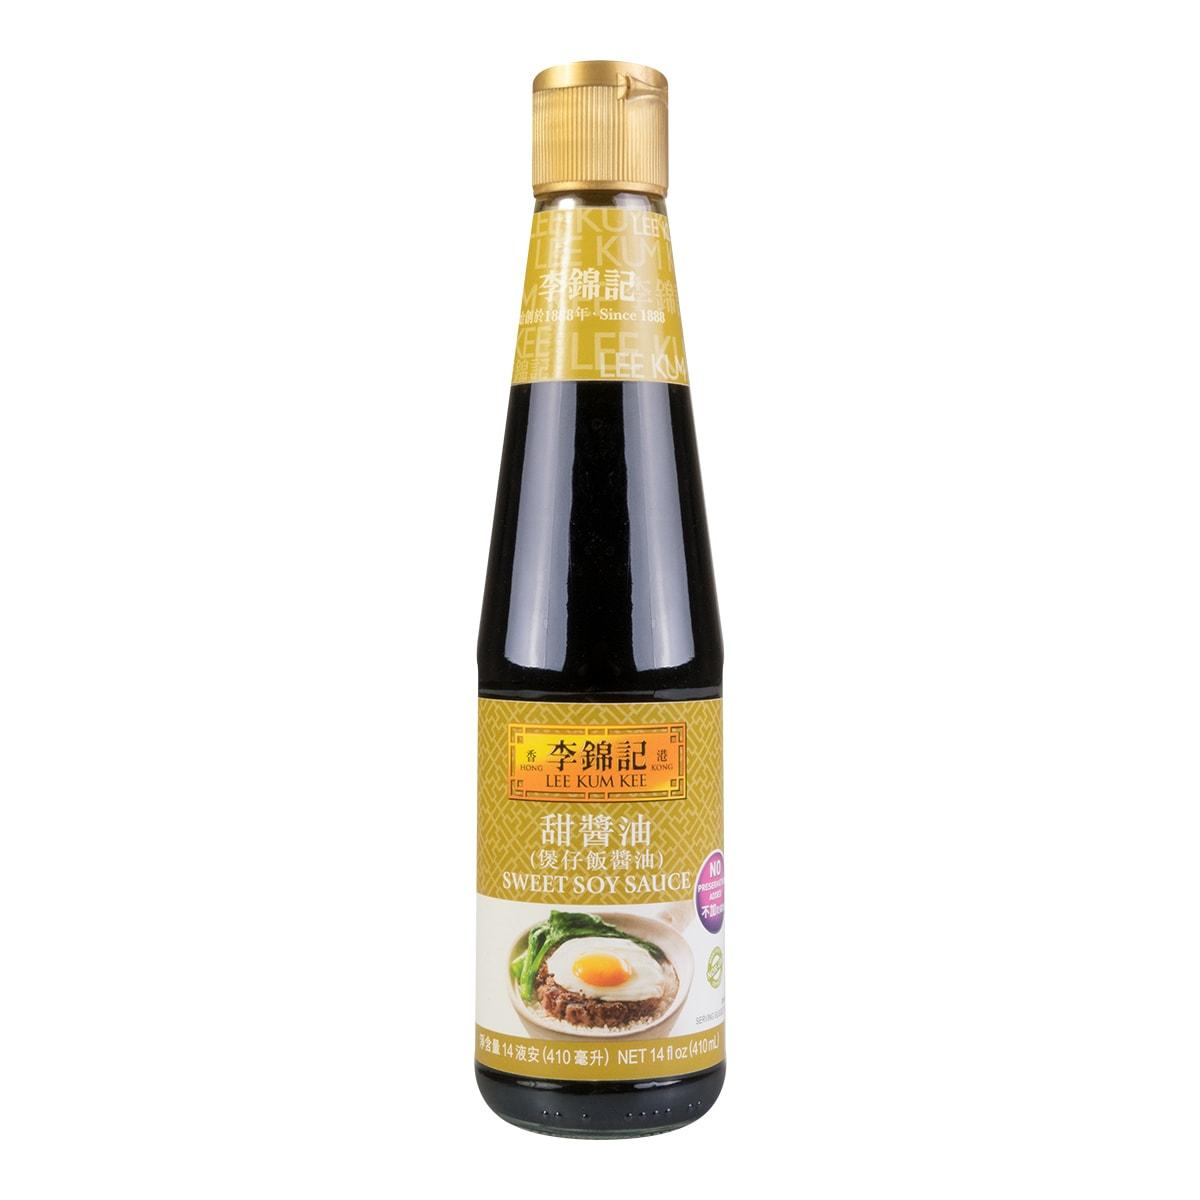 香港李锦记 甜酱油 煲仔饭酱油 410ml 怎么样 - 亚米网